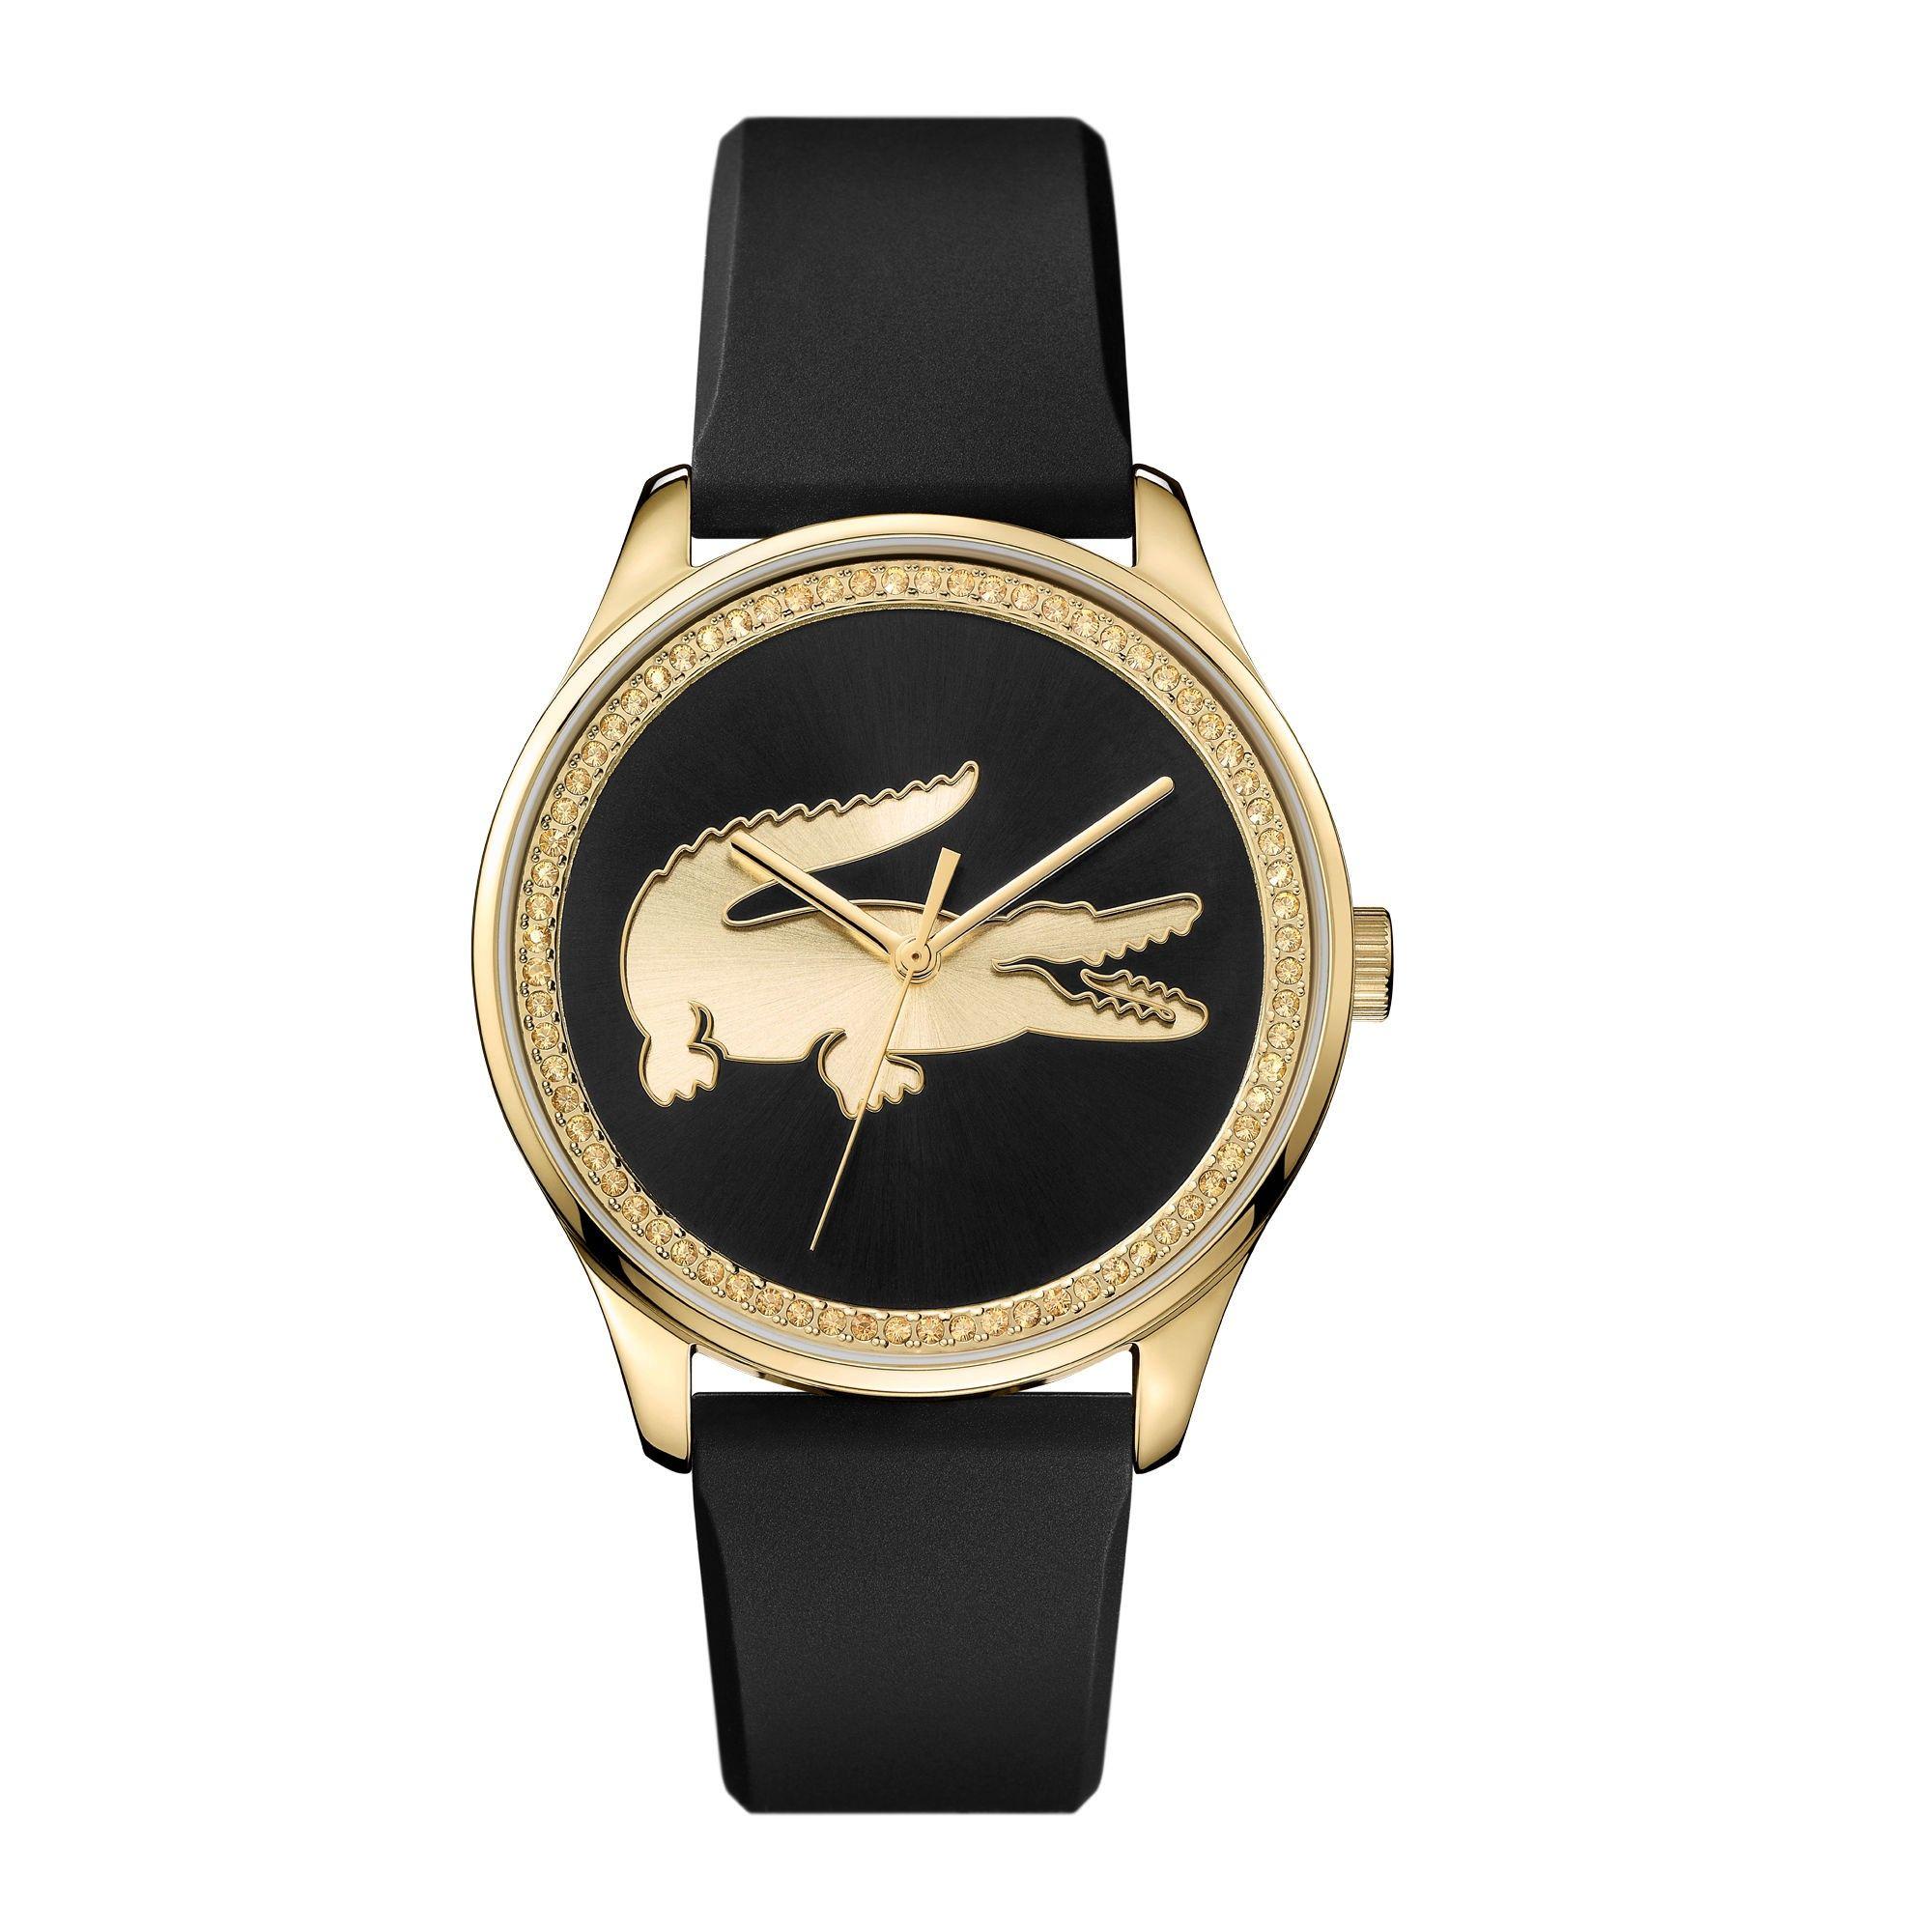 b55c5afc568 LACOSTE Women S Victoria Black Silicone Strap Watch - 000000.  lacoste  all